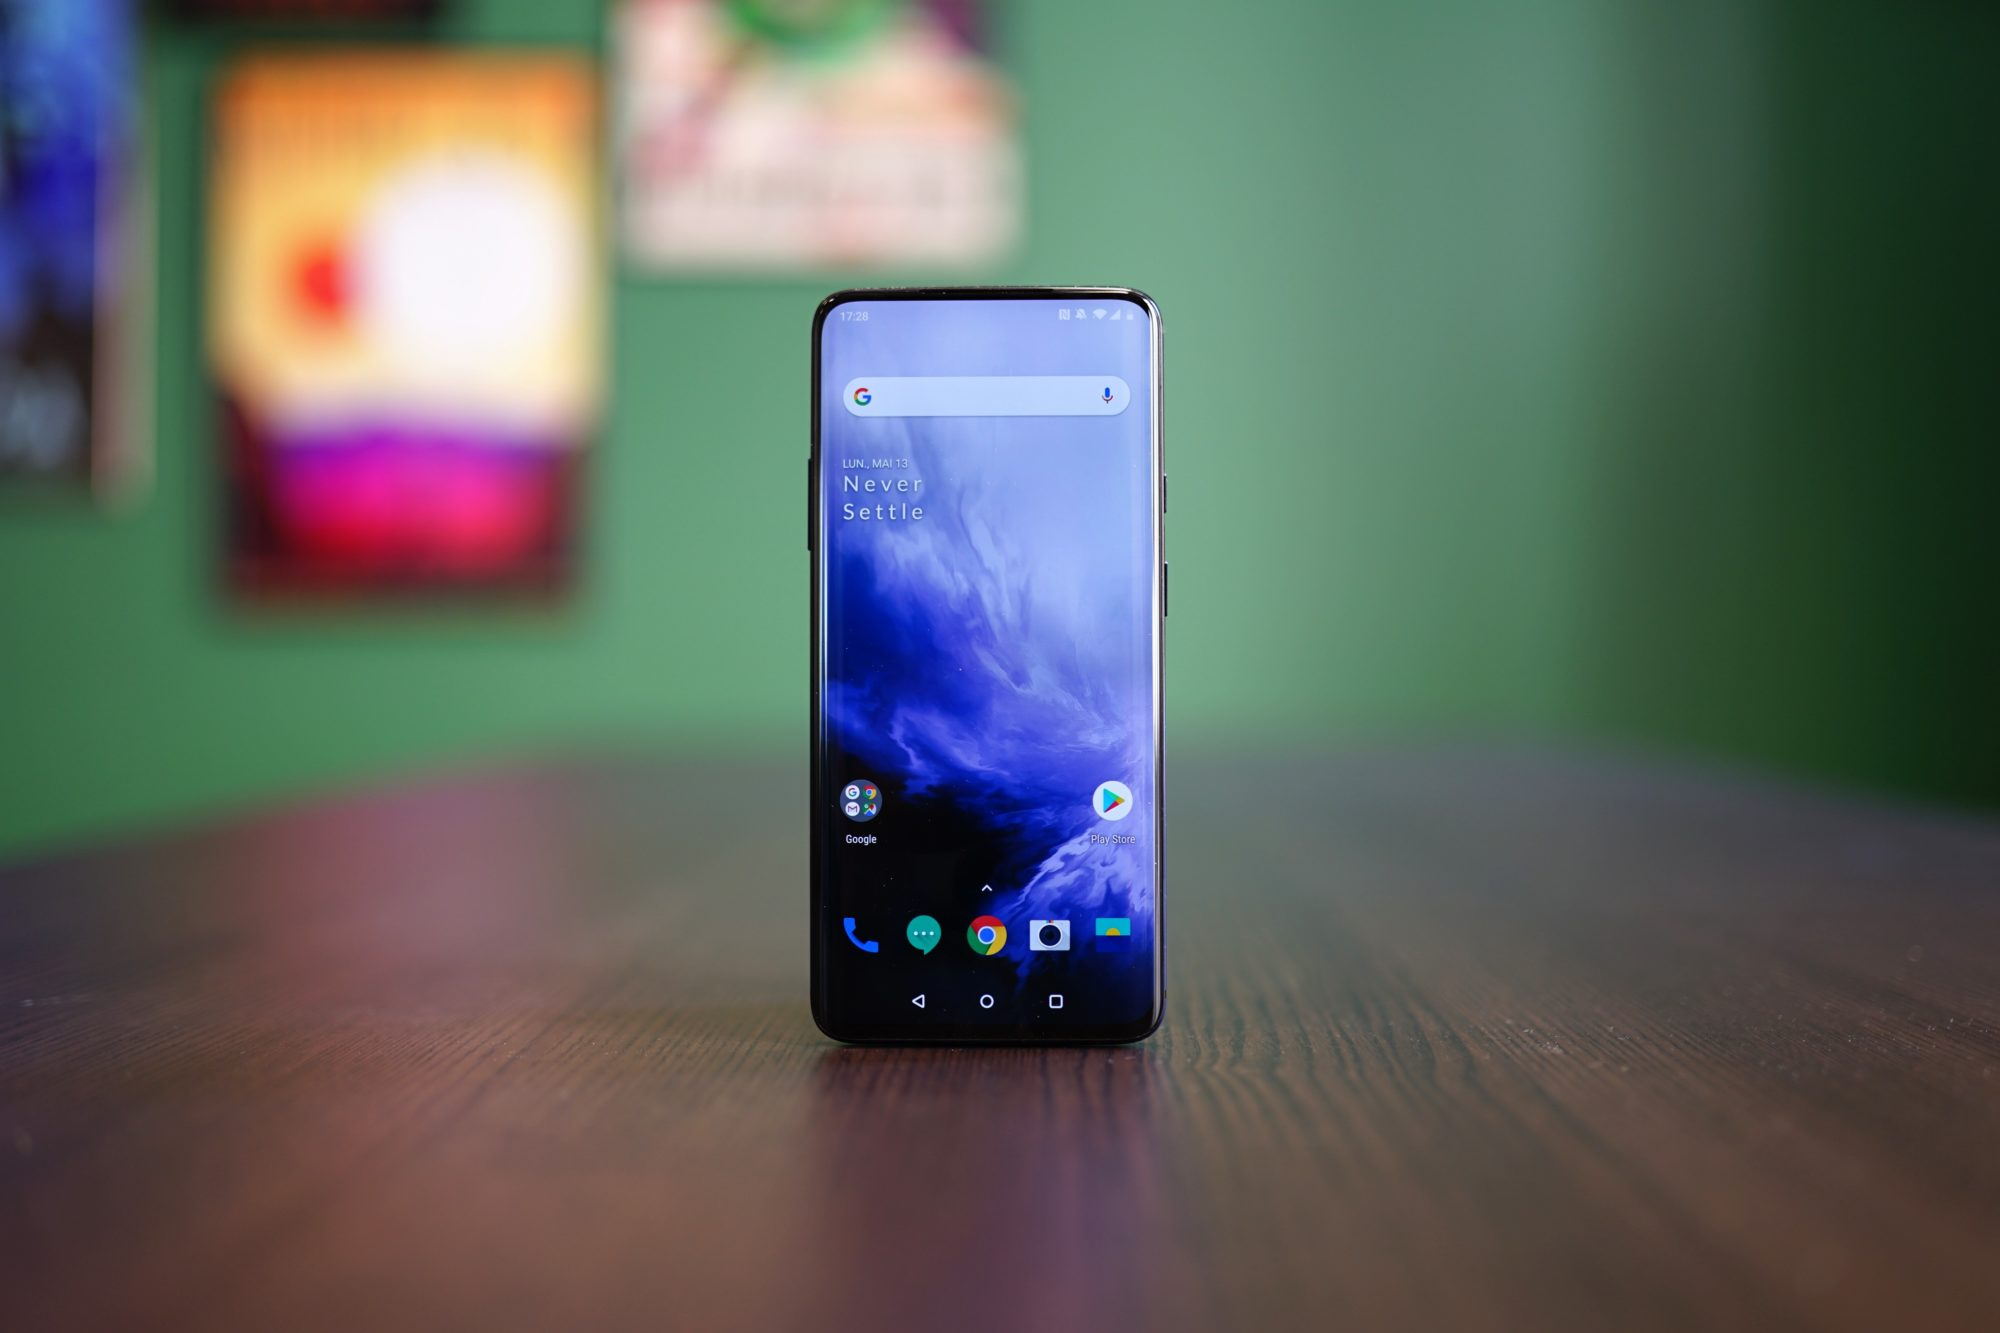 Google sort 29 correctifs pour Android dans le patch d'octobre 2019